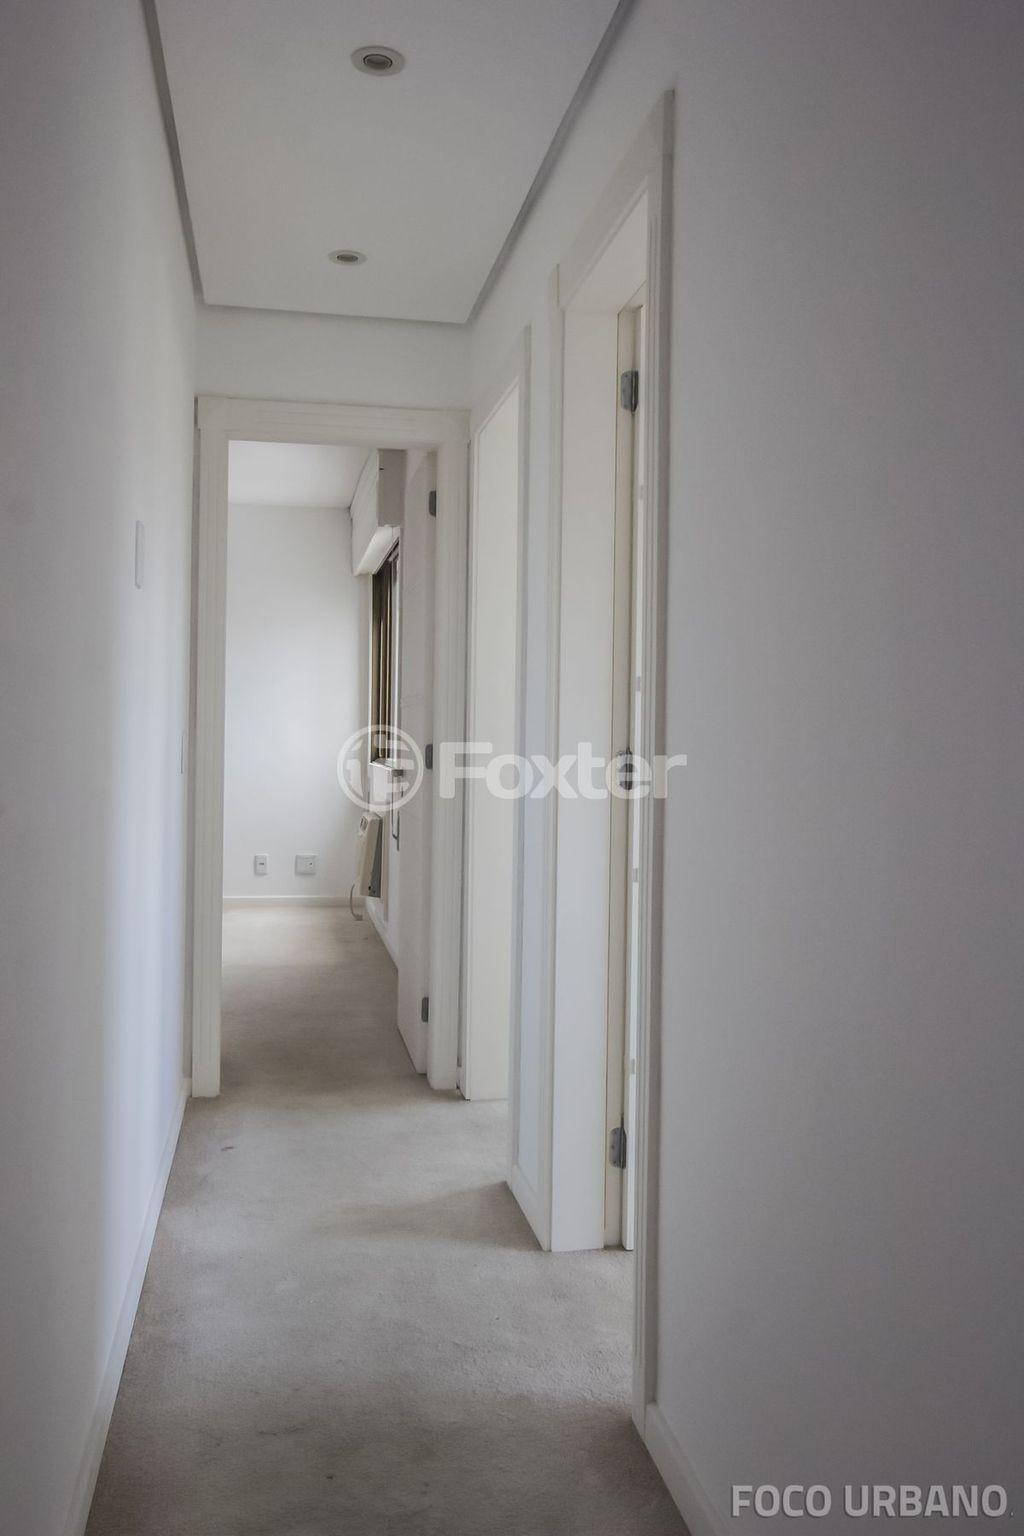 Foxter Imobiliária - Cobertura 3 Dorm (137146) - Foto 14